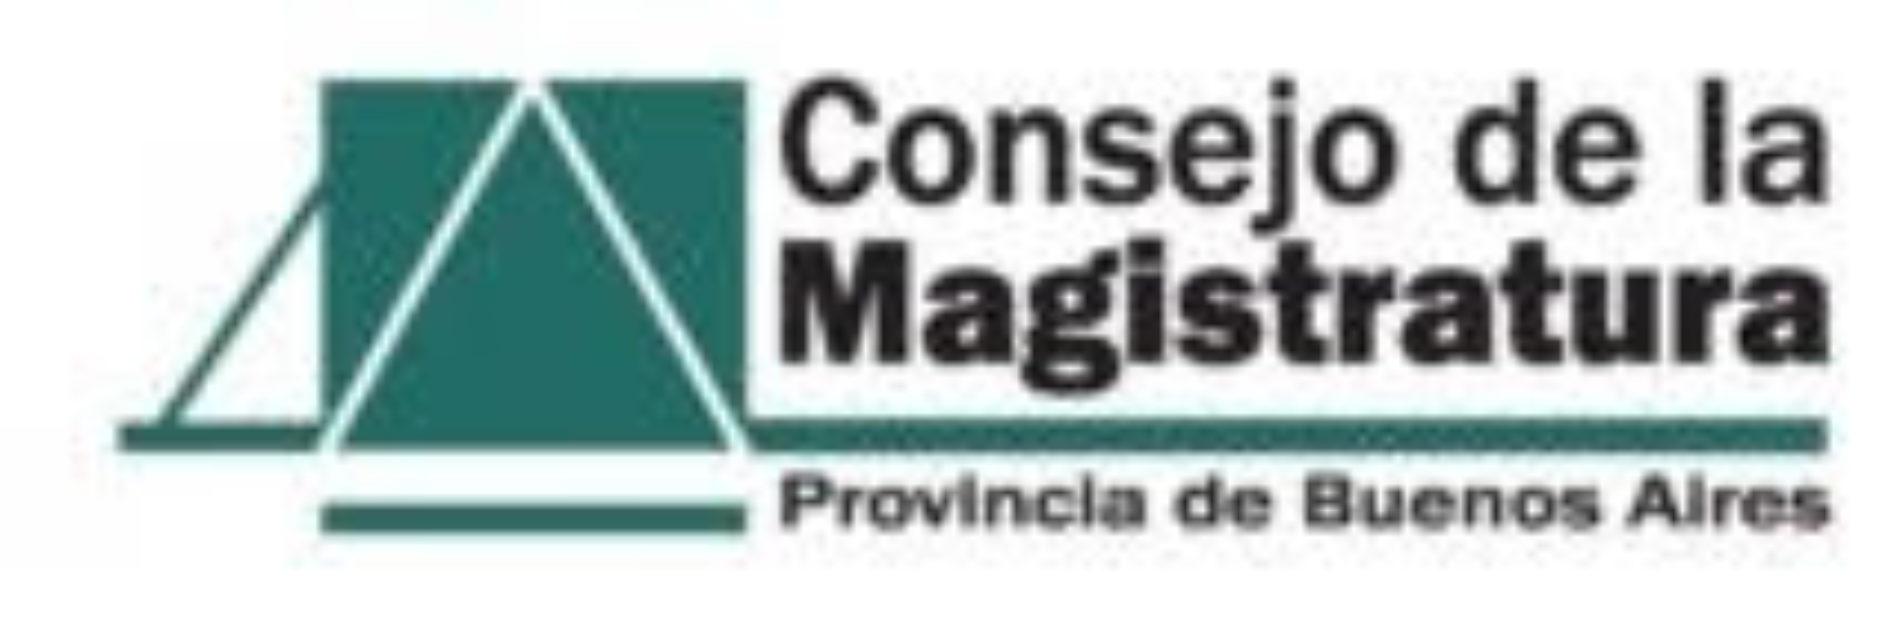 «Consejo de la Magistratura de la Provincia de Buenos Aires. Ampliación de Convocatoria.»